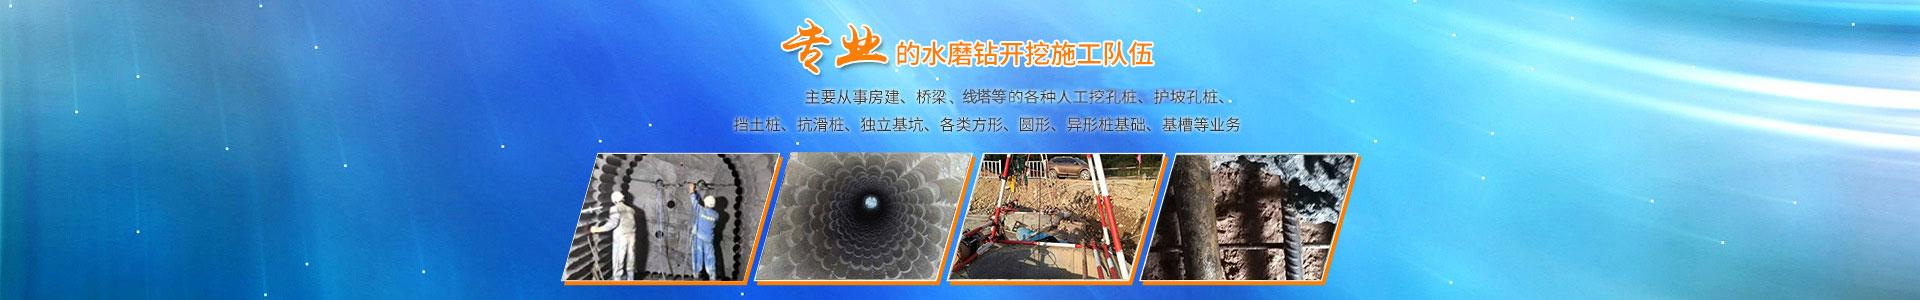 衡阳市大地工程劳务有限公司 - 衡阳断桩处理修复|衡阳二氧化碳乐鱼电竞登录|衡阳机械灌注桩